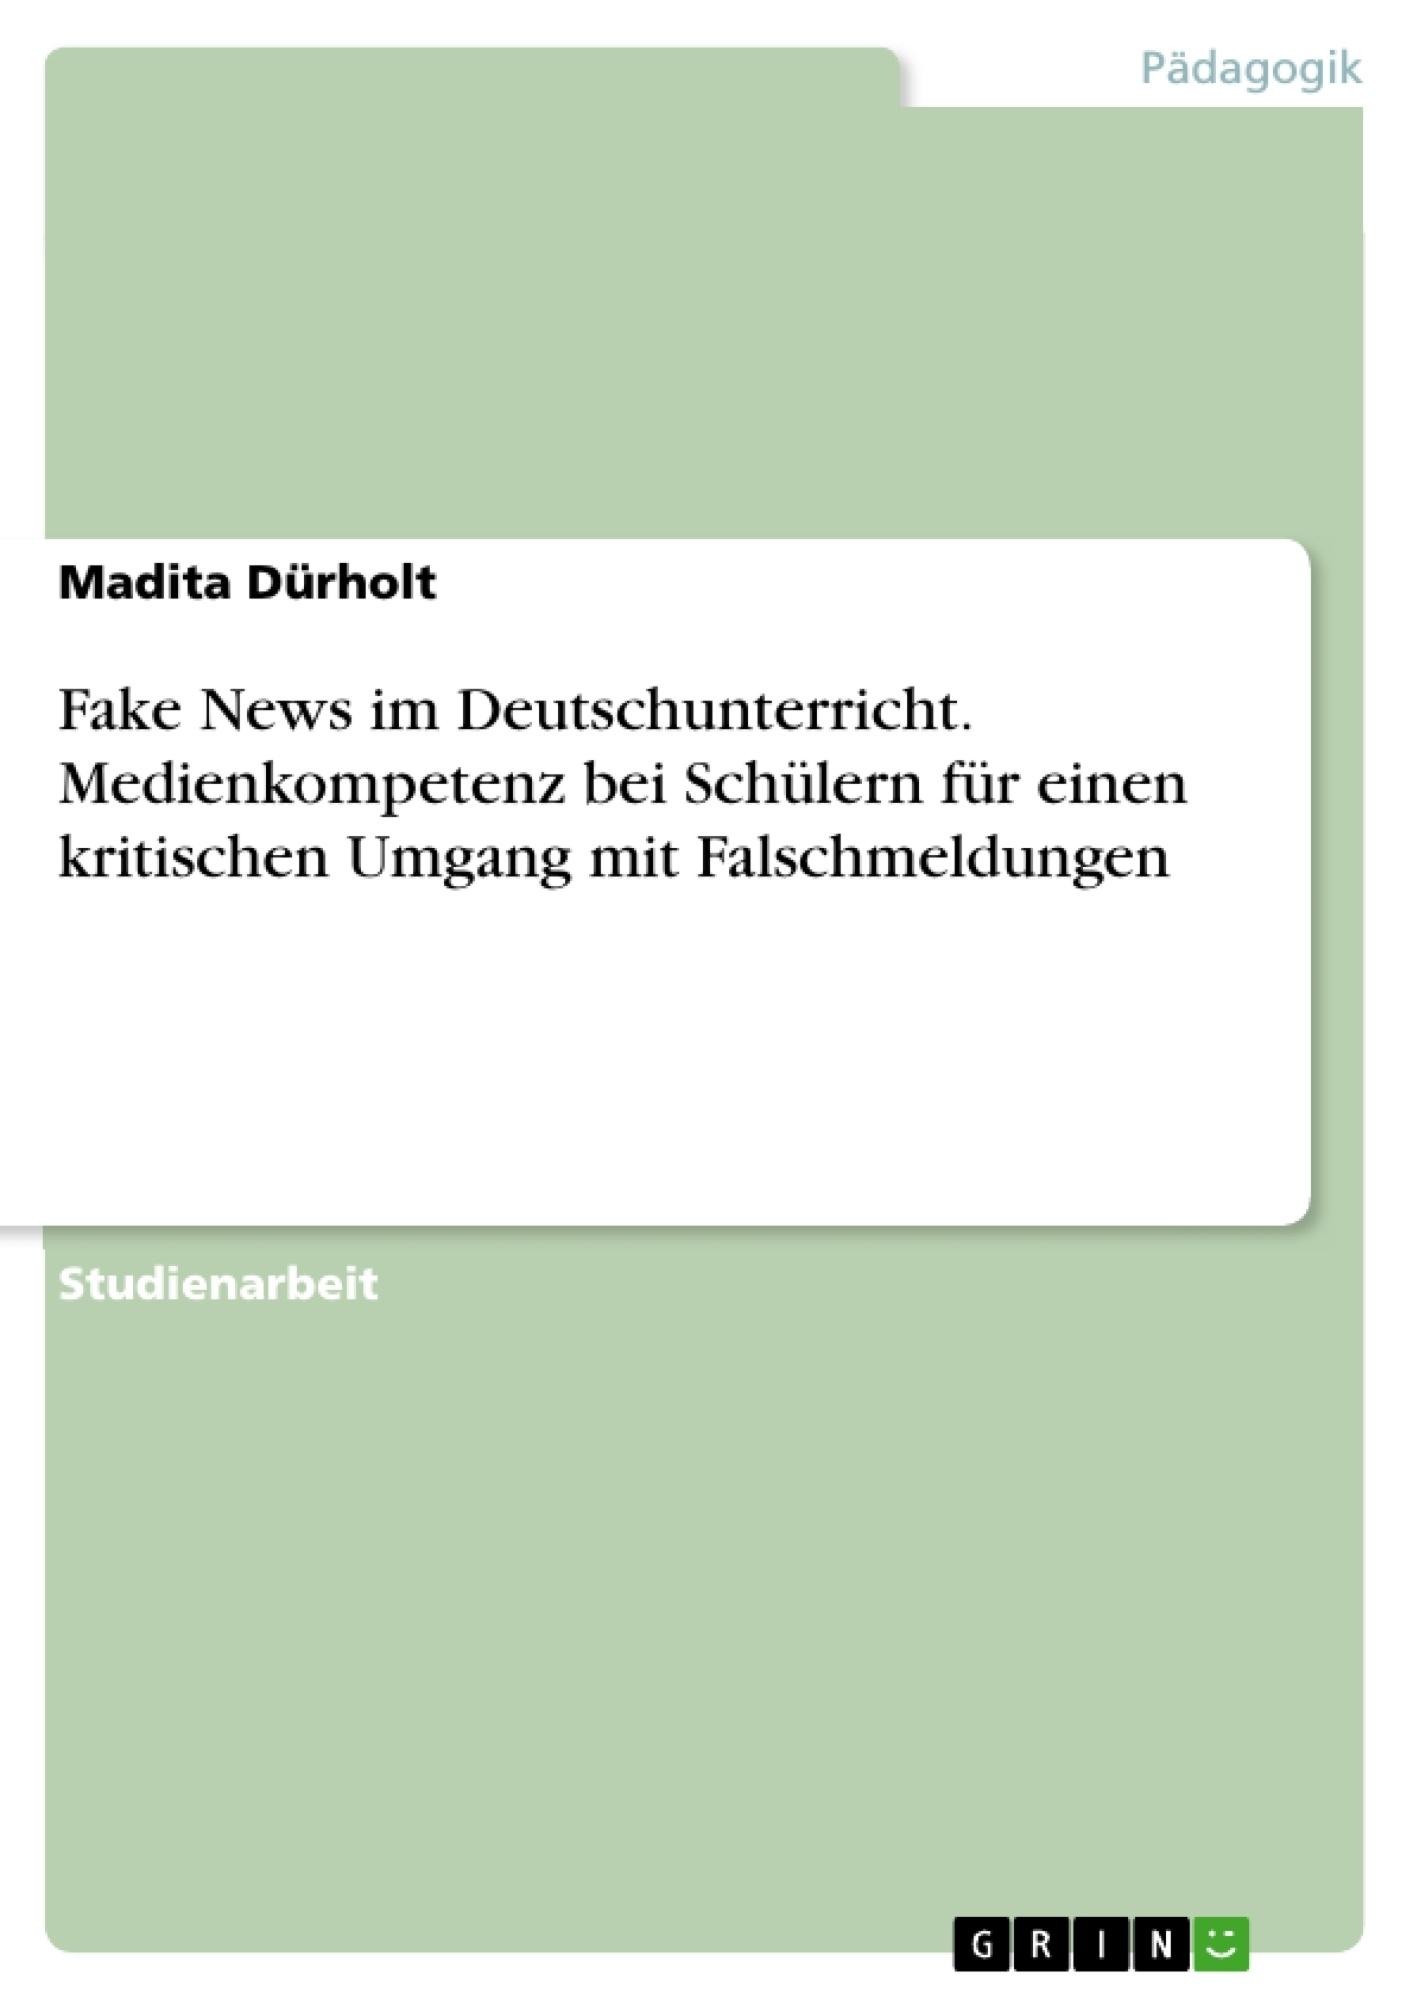 Titel: Fake News im Deutschunterricht. Medienkompetenz bei Schülern für einen kritischen Umgang mit Falschmeldungen